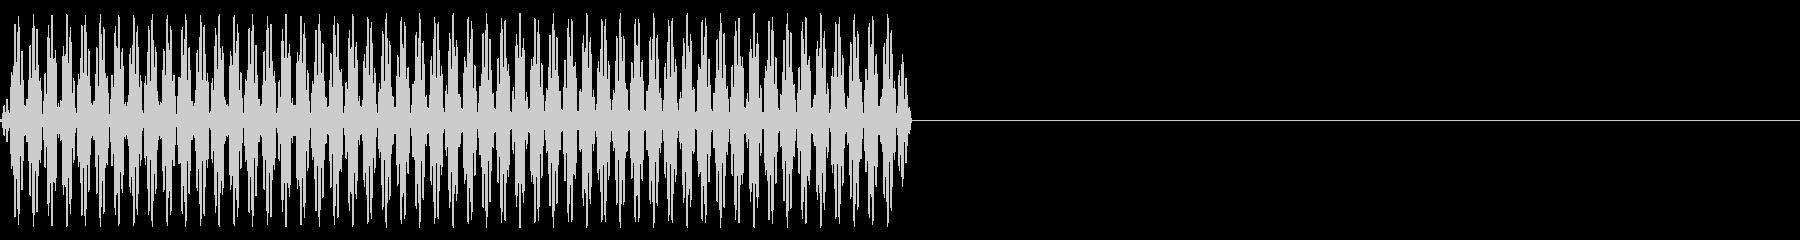 『ピッ』電話のプッシュ音(4)-単音の未再生の波形